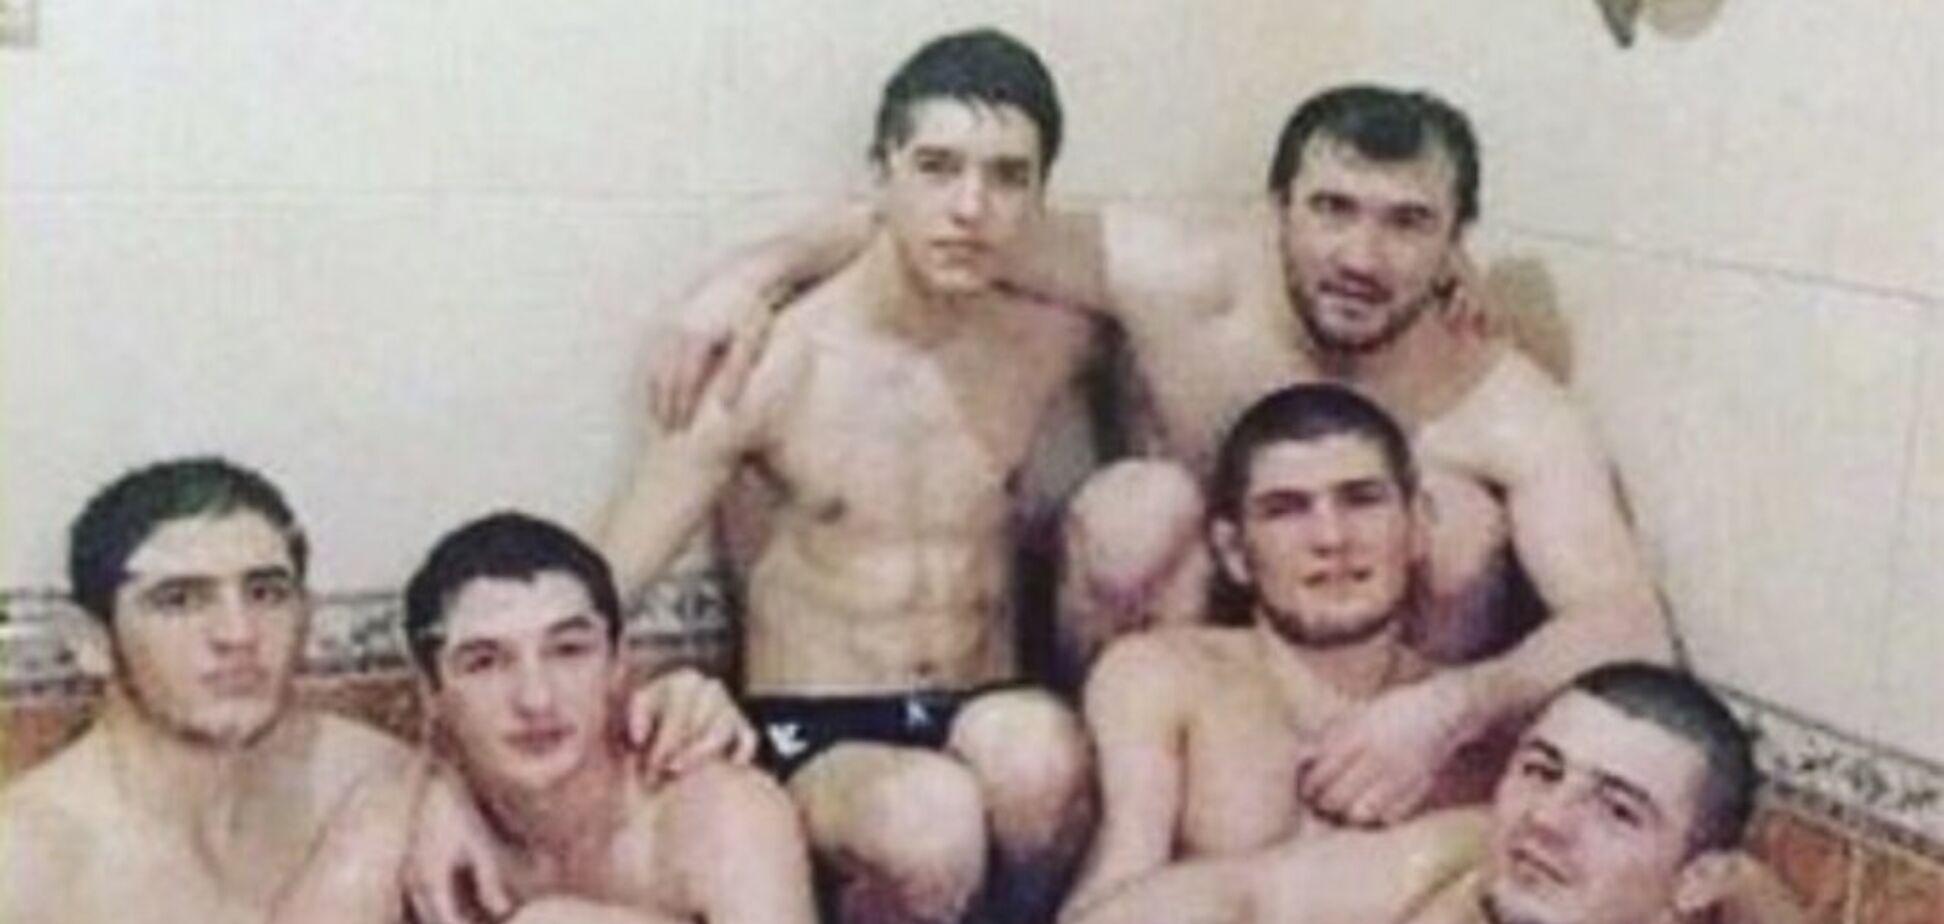 Боец UFC рассказал правду про фото Хабиба с голыми мужчинами в джакузи